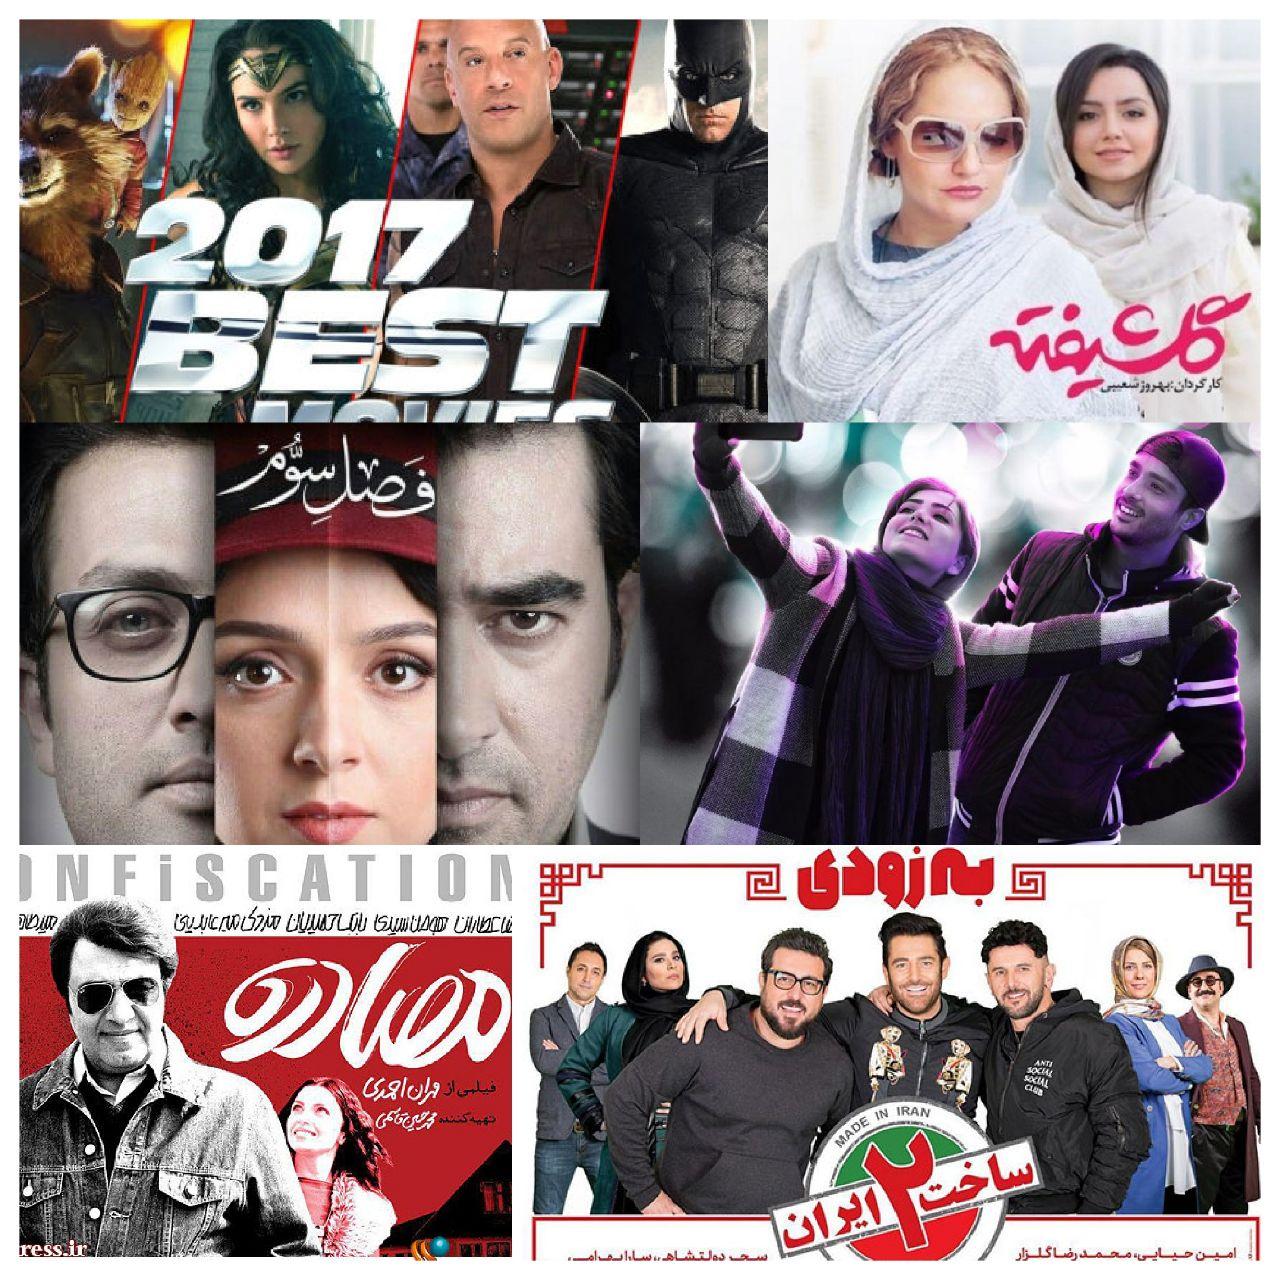 لینک های دانلود رایگان سریال شهرزاد3 ،ساخت ایران2 و گلشیفته با کیفیت عالی